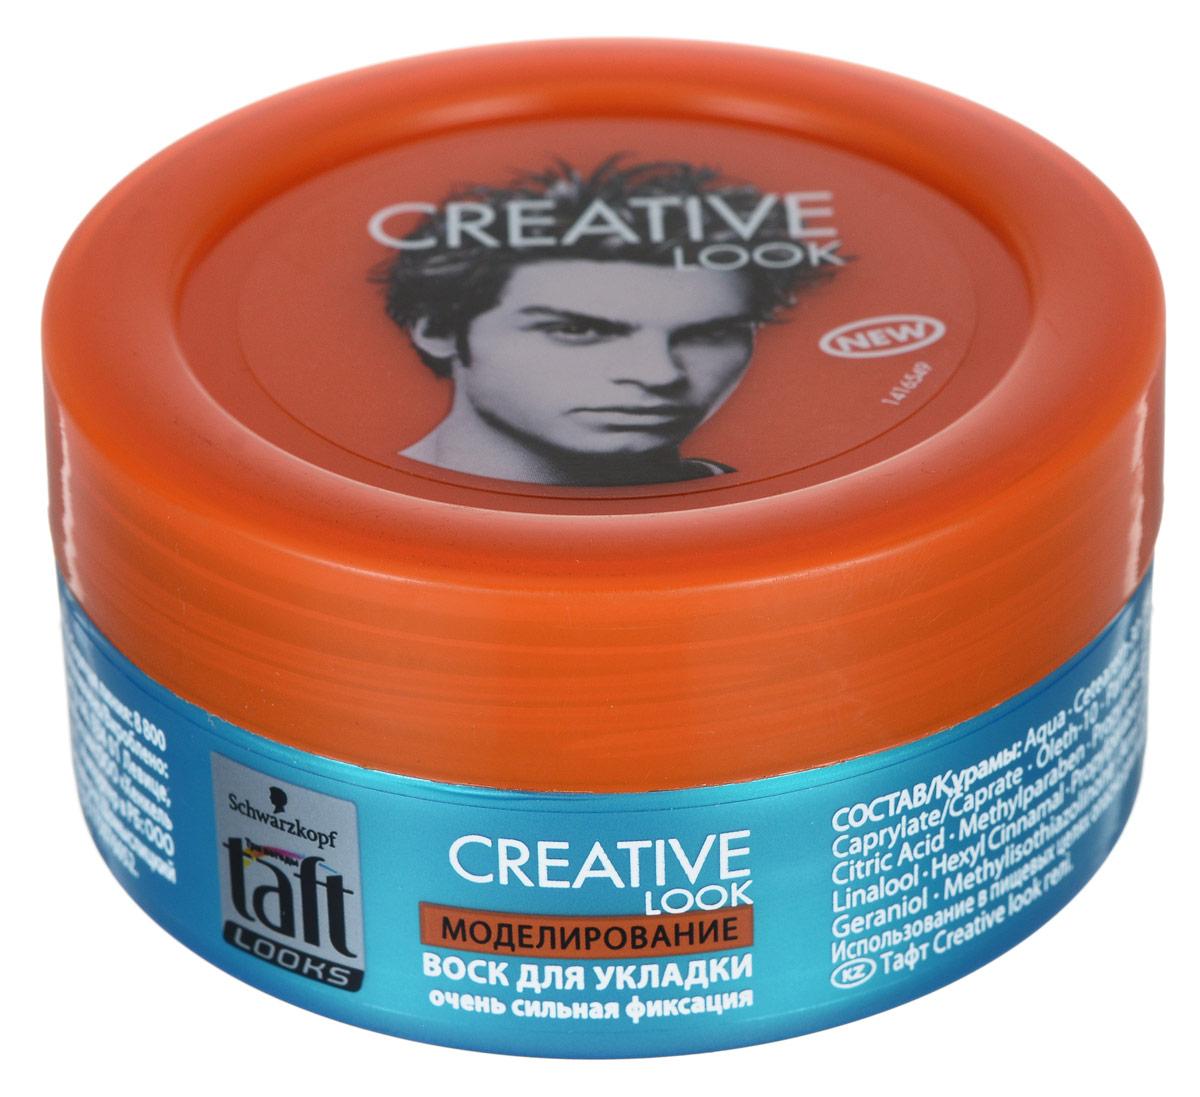 Воск для укладки Taft Creative Look, очень сильная фиксация, 75 мл9063050Воск для укладки Taft Creative Look: Придает прическе искрящийся блеск и сверхсильную фиксацию; Легко распределяется по волосам, легко смывается.